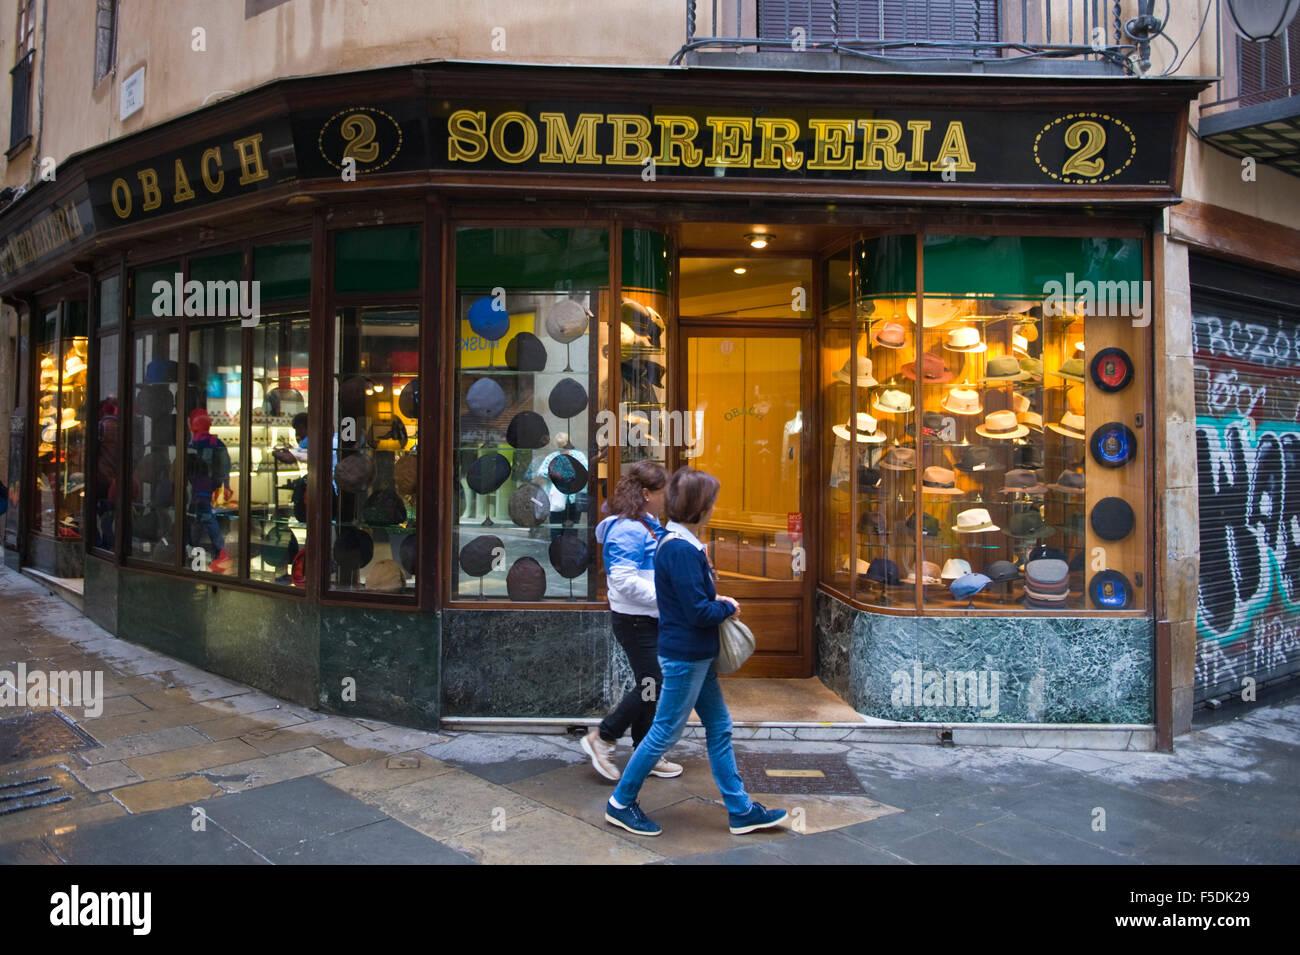 5d77682010f49 Sombrereria sombrero tradicional tienda en Barcelona Cataluña España ES  Imagen De Stock